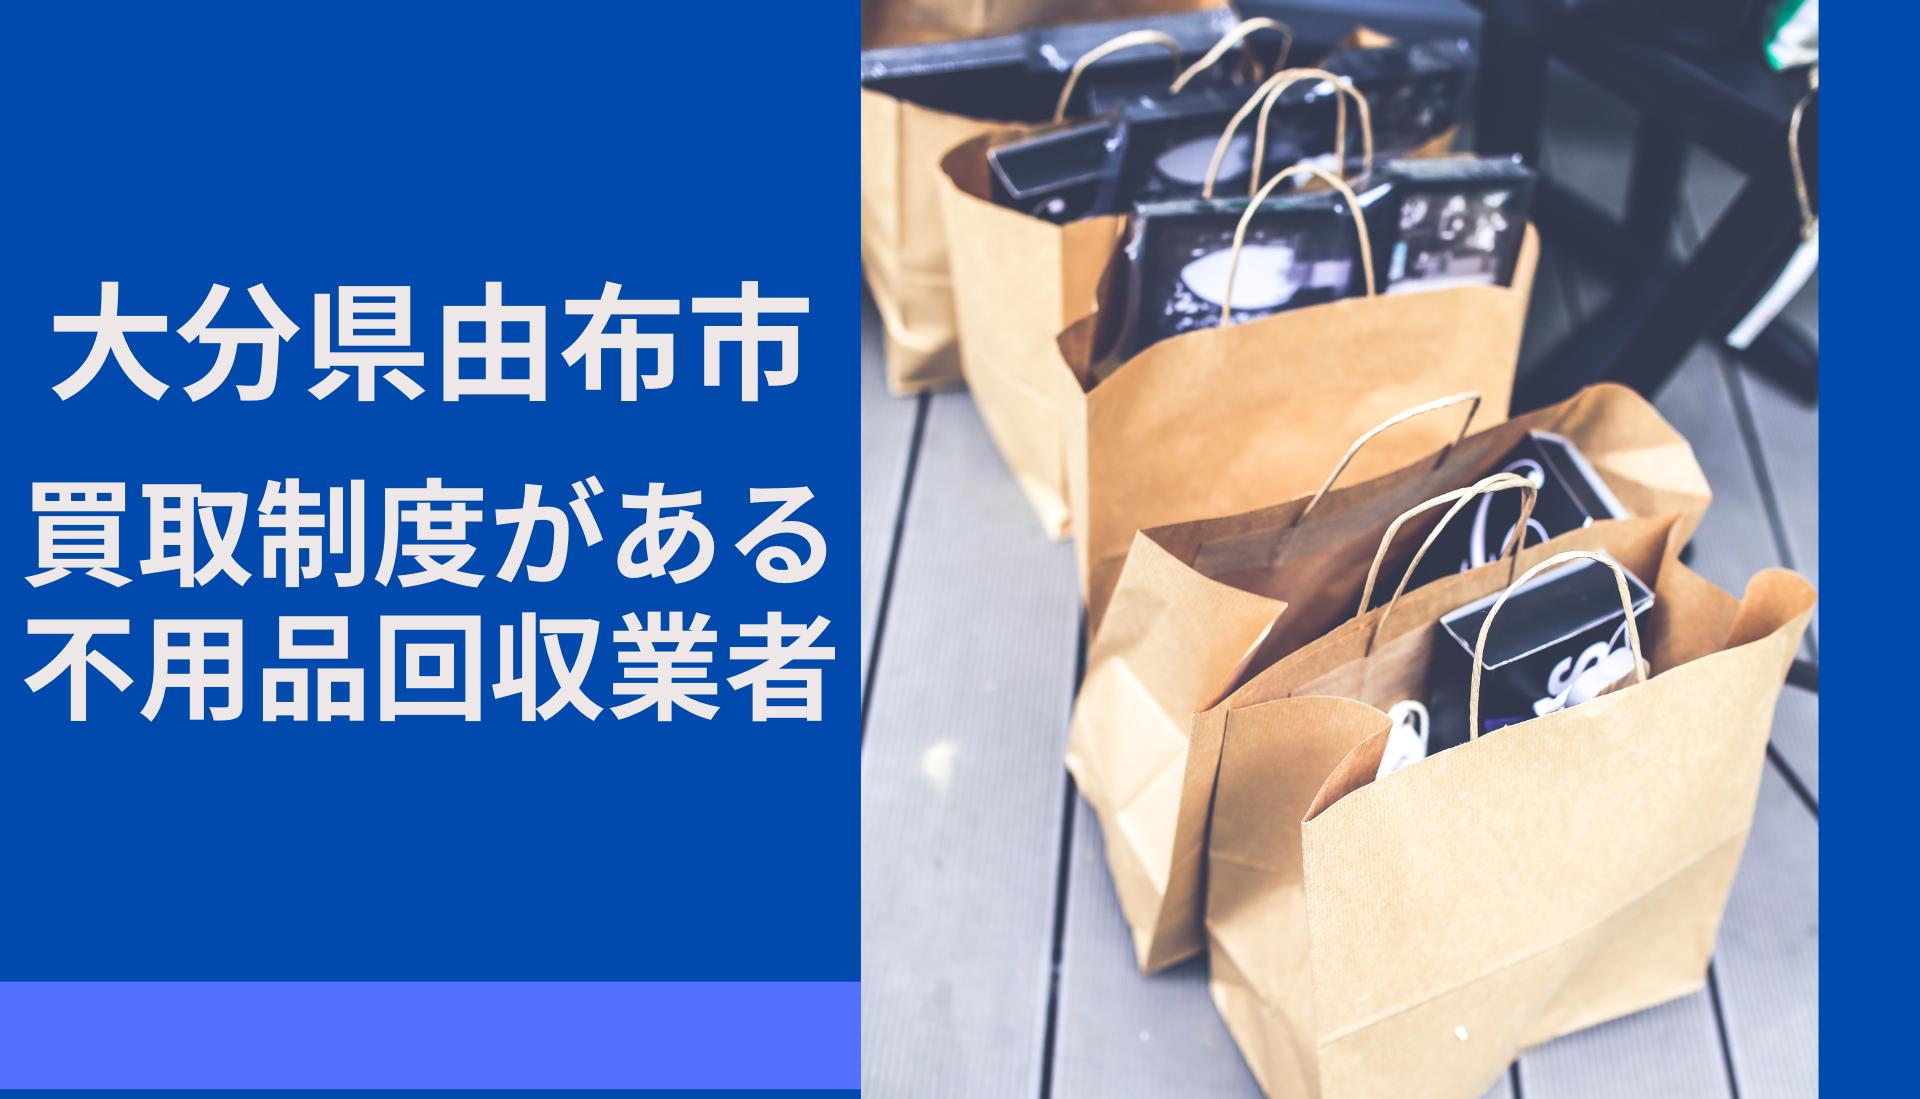 買取制度がある由布市の不用品回収業者